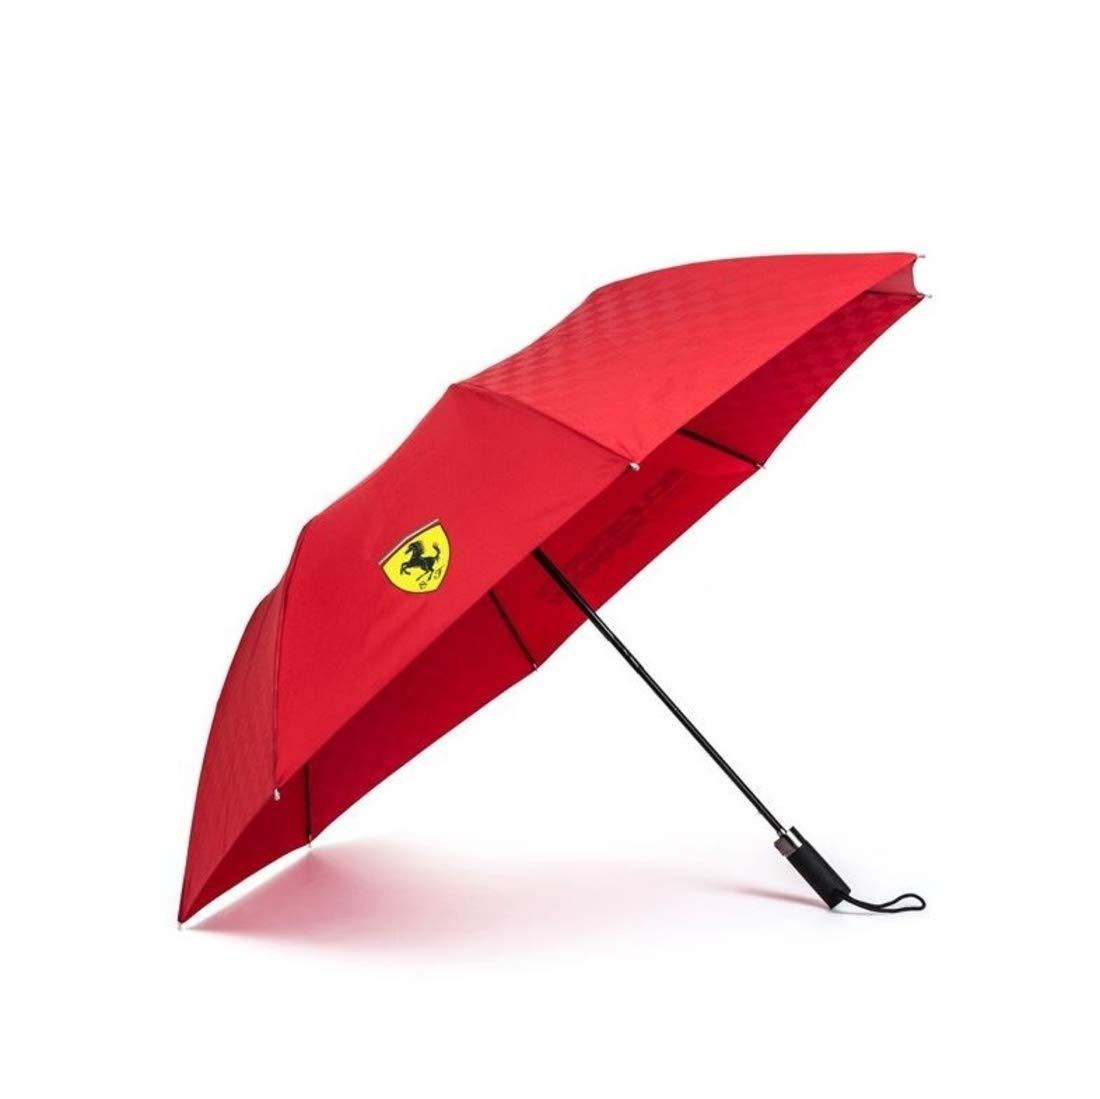 Scuderia Ferrari コンパクト傘 レッド   B07Q63V1TS